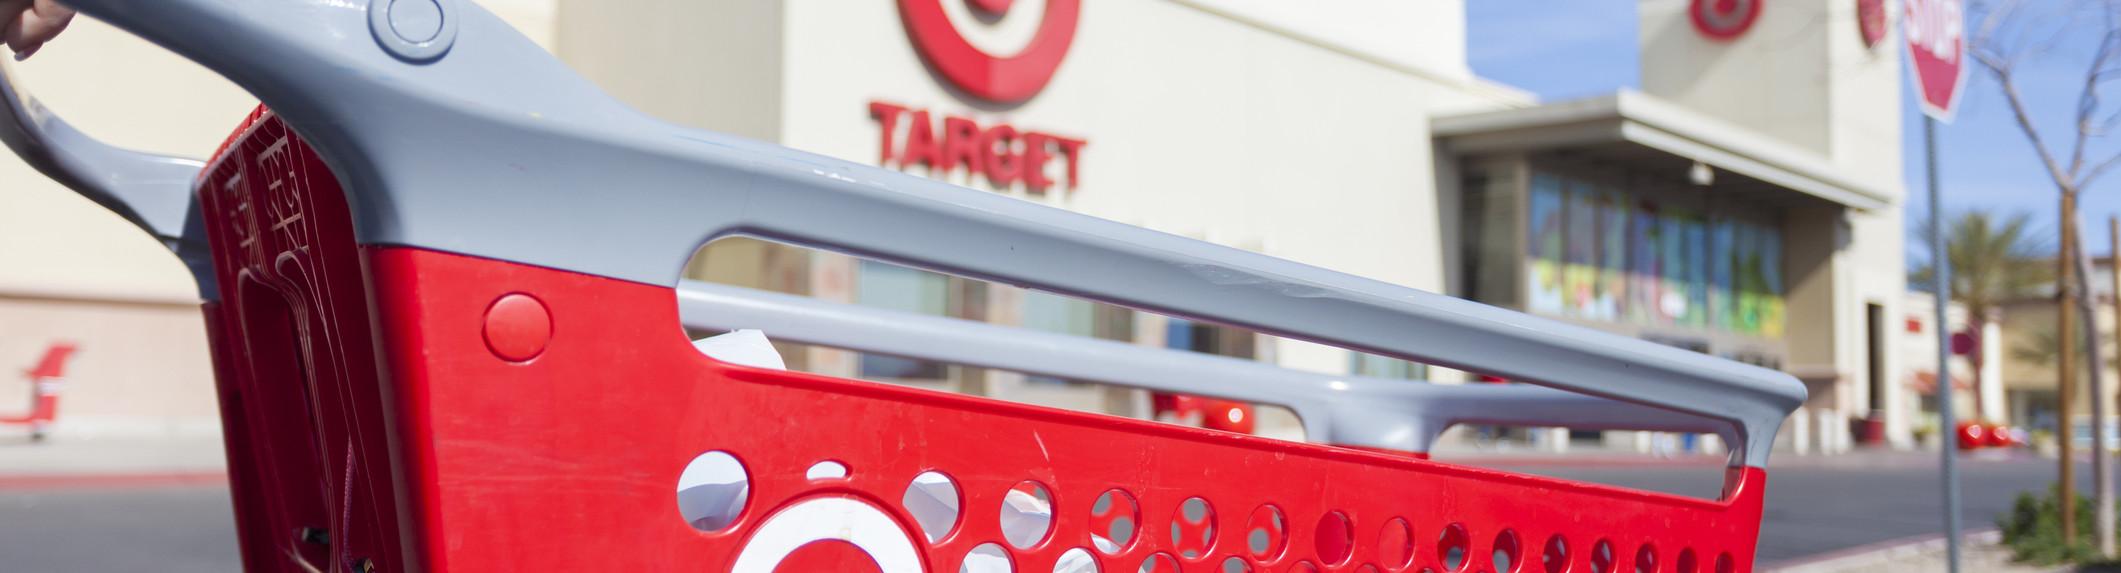 Target cart and sign